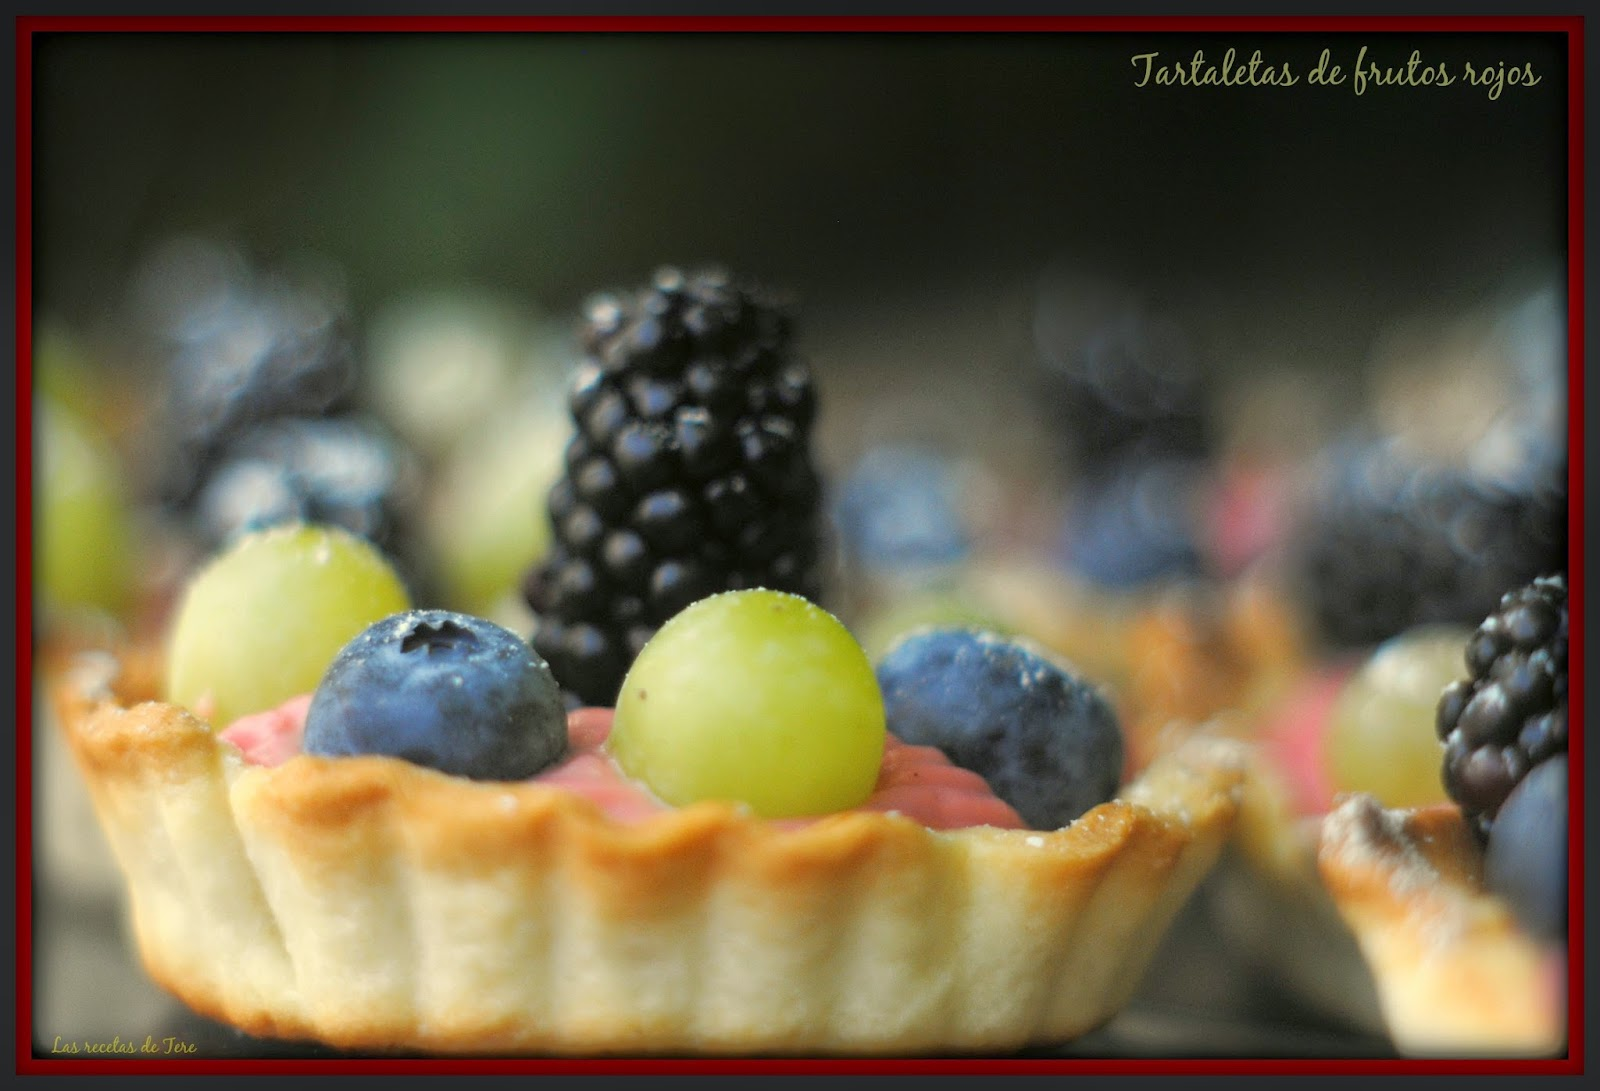 Tartaletas de frutos rojos las recetas de tere tererecetas 01